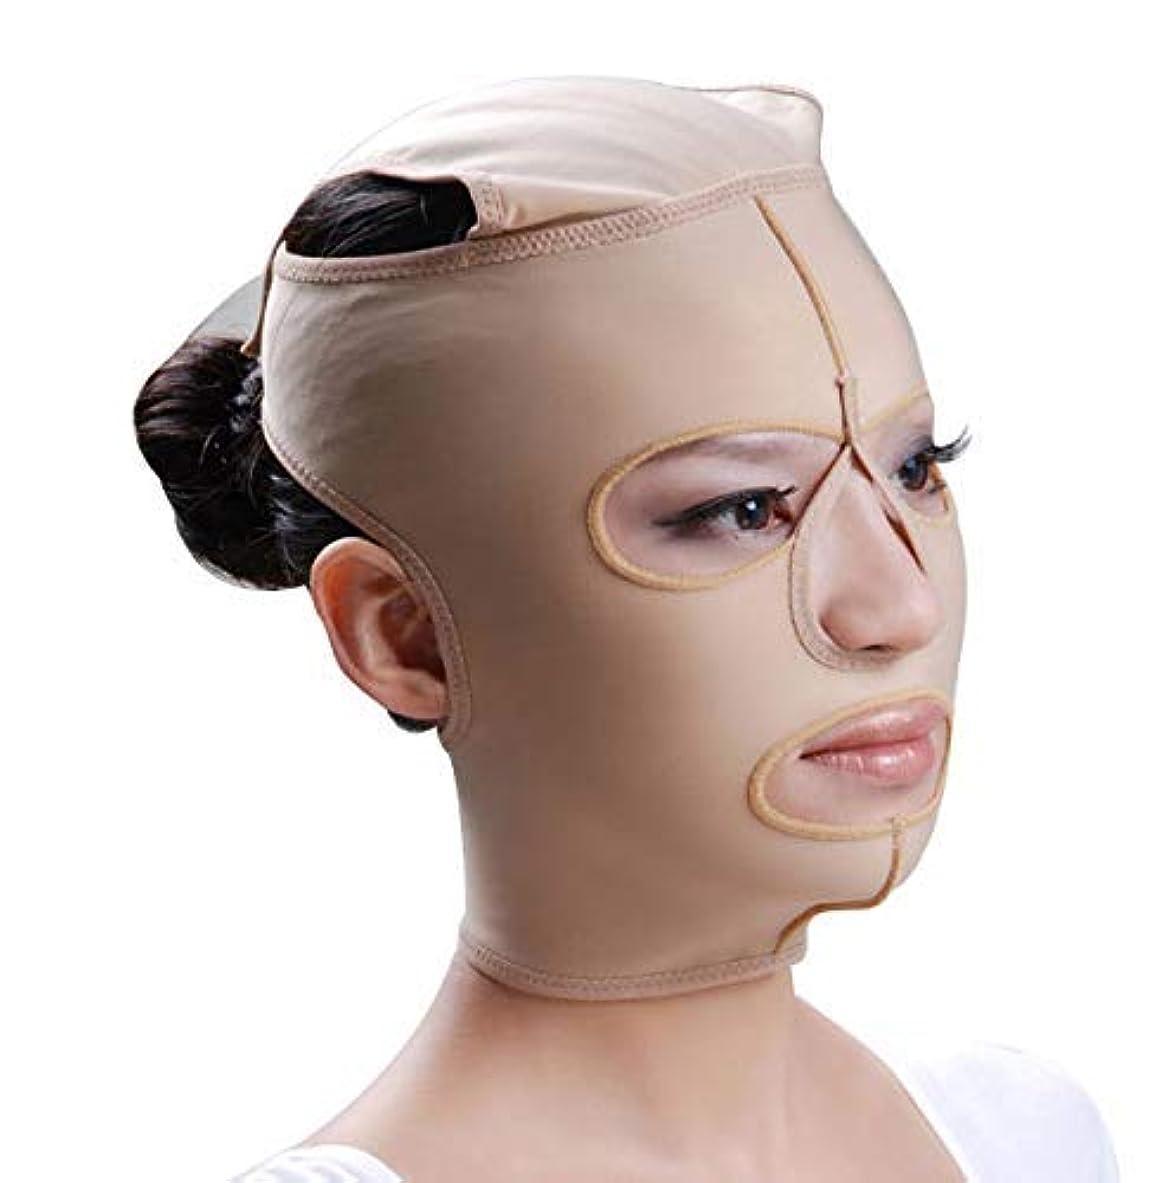 懐疑論黒くするウォルターカニンガムファーミングフェイスマスク、フェイシャルマスクエラスティックフェイスリフティングリフティングファーミングパターンマイクロフィニッシングポストモデリングコンプレッションフェイスマスク(サイズ:S),M